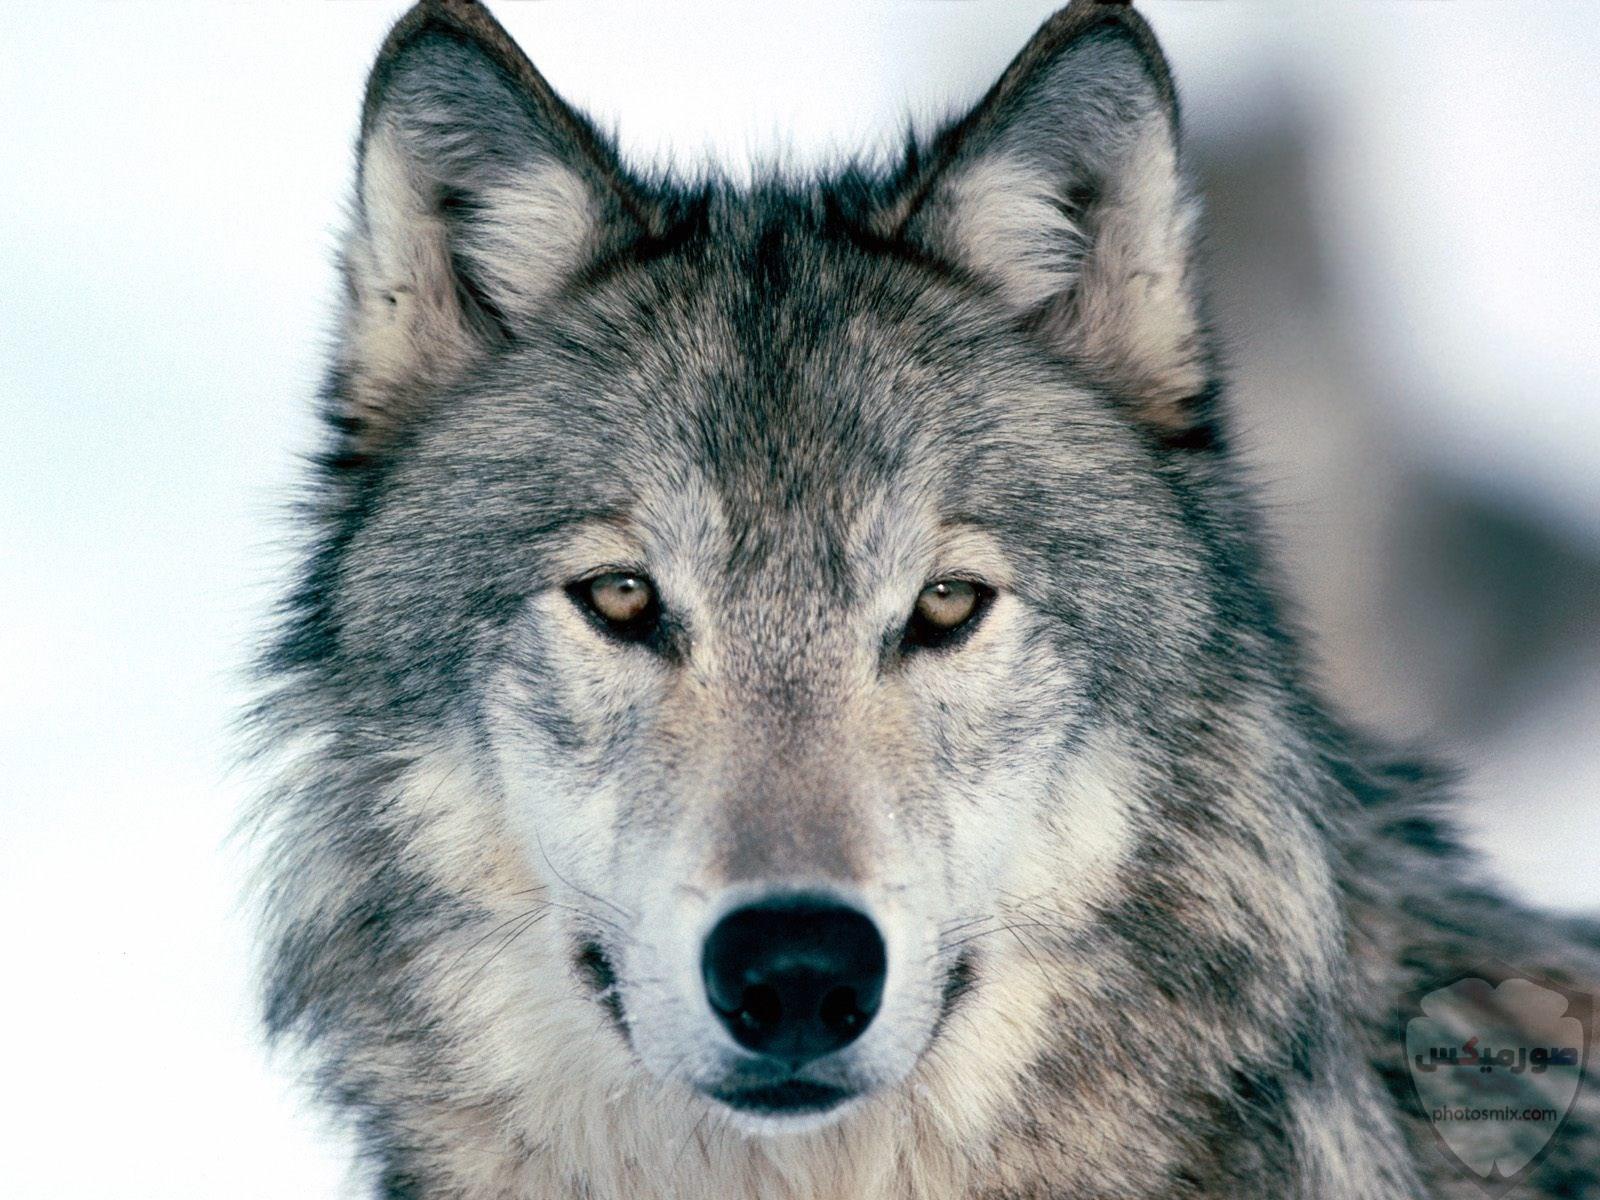 تحميل أحلى صور الذئب صور ذئب حلوة Fox photos Wild 4